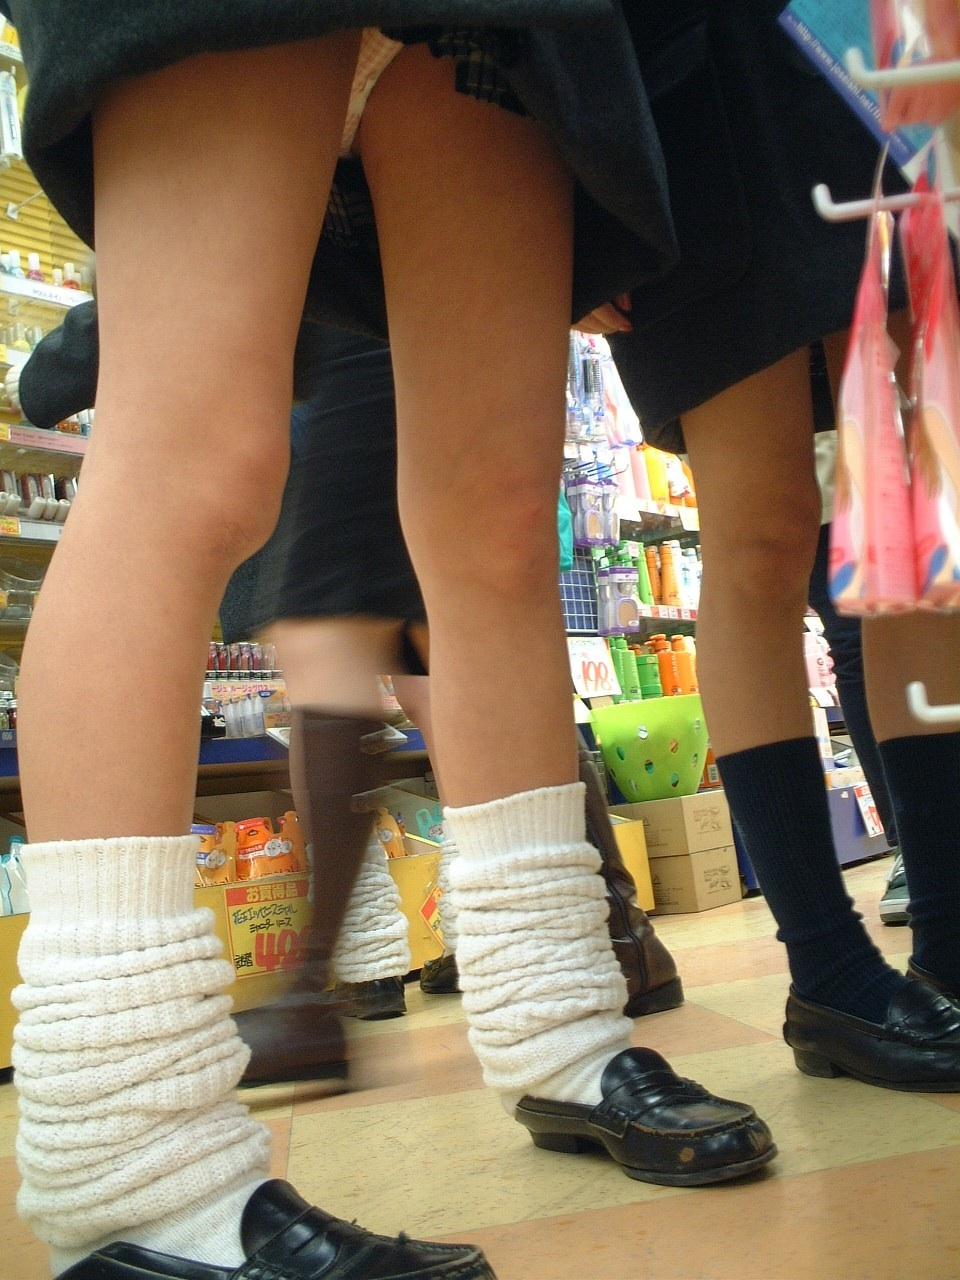 【パンチラ画像】見ろと言ってるような短すぎるスカートが多いからローアングル狙い! 18